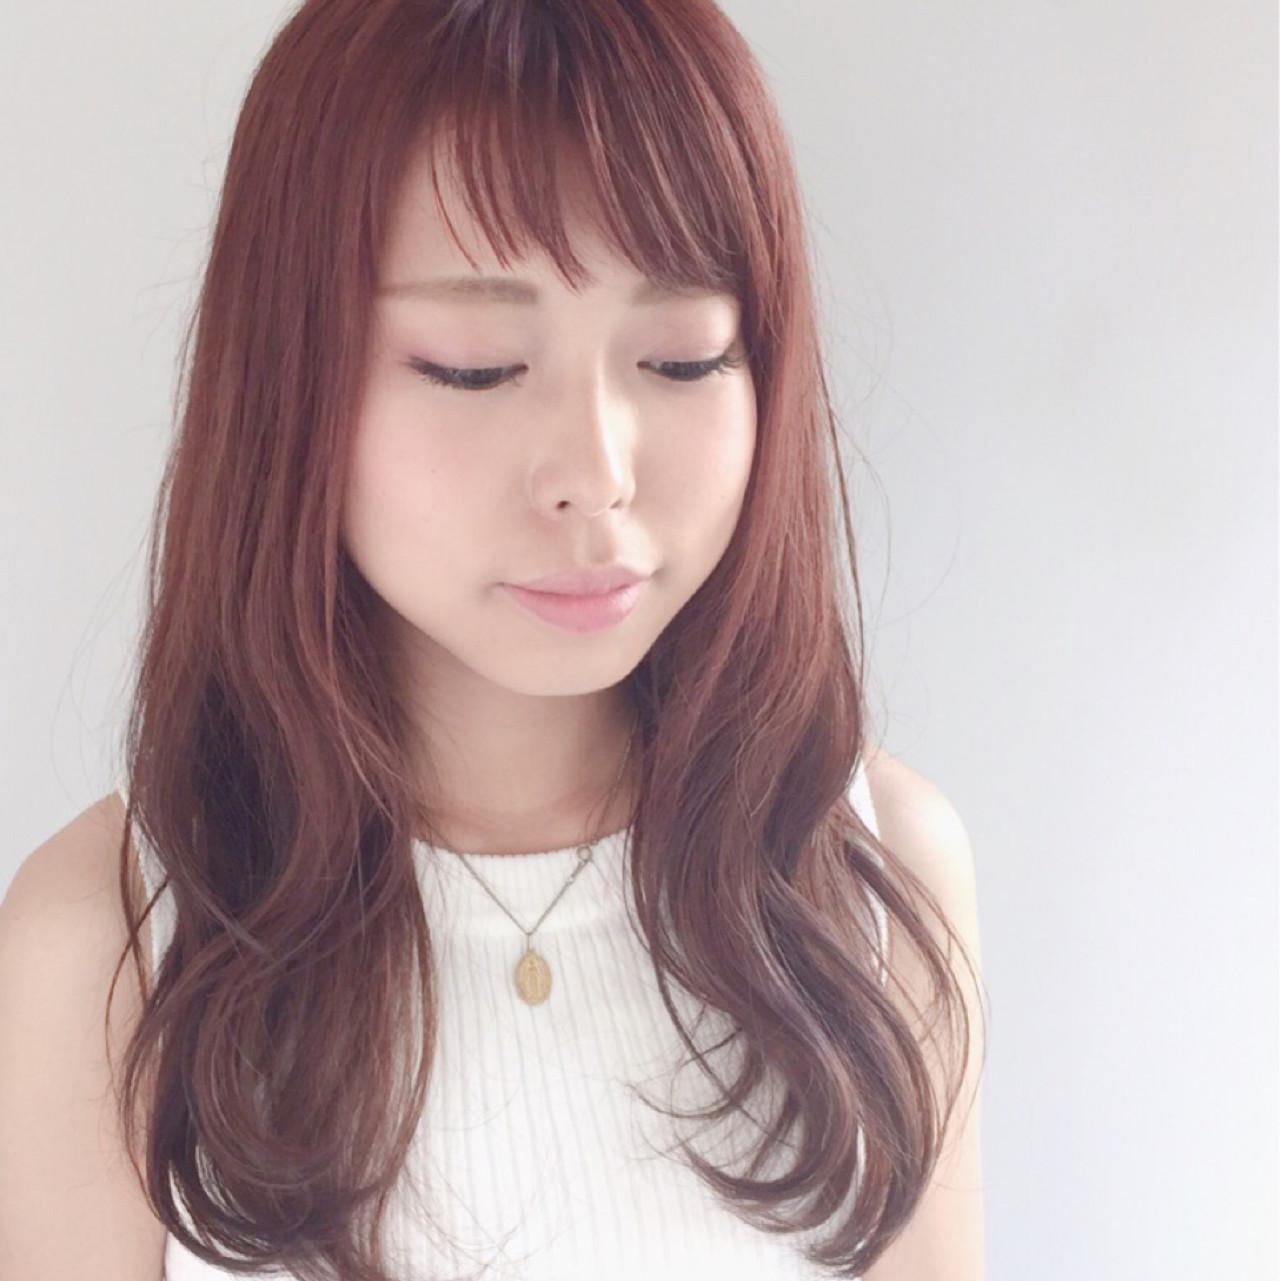 フェミニンな髪色でモテを目指す!ピンクアッシュでつくるスウィートヘア 横田 絵美